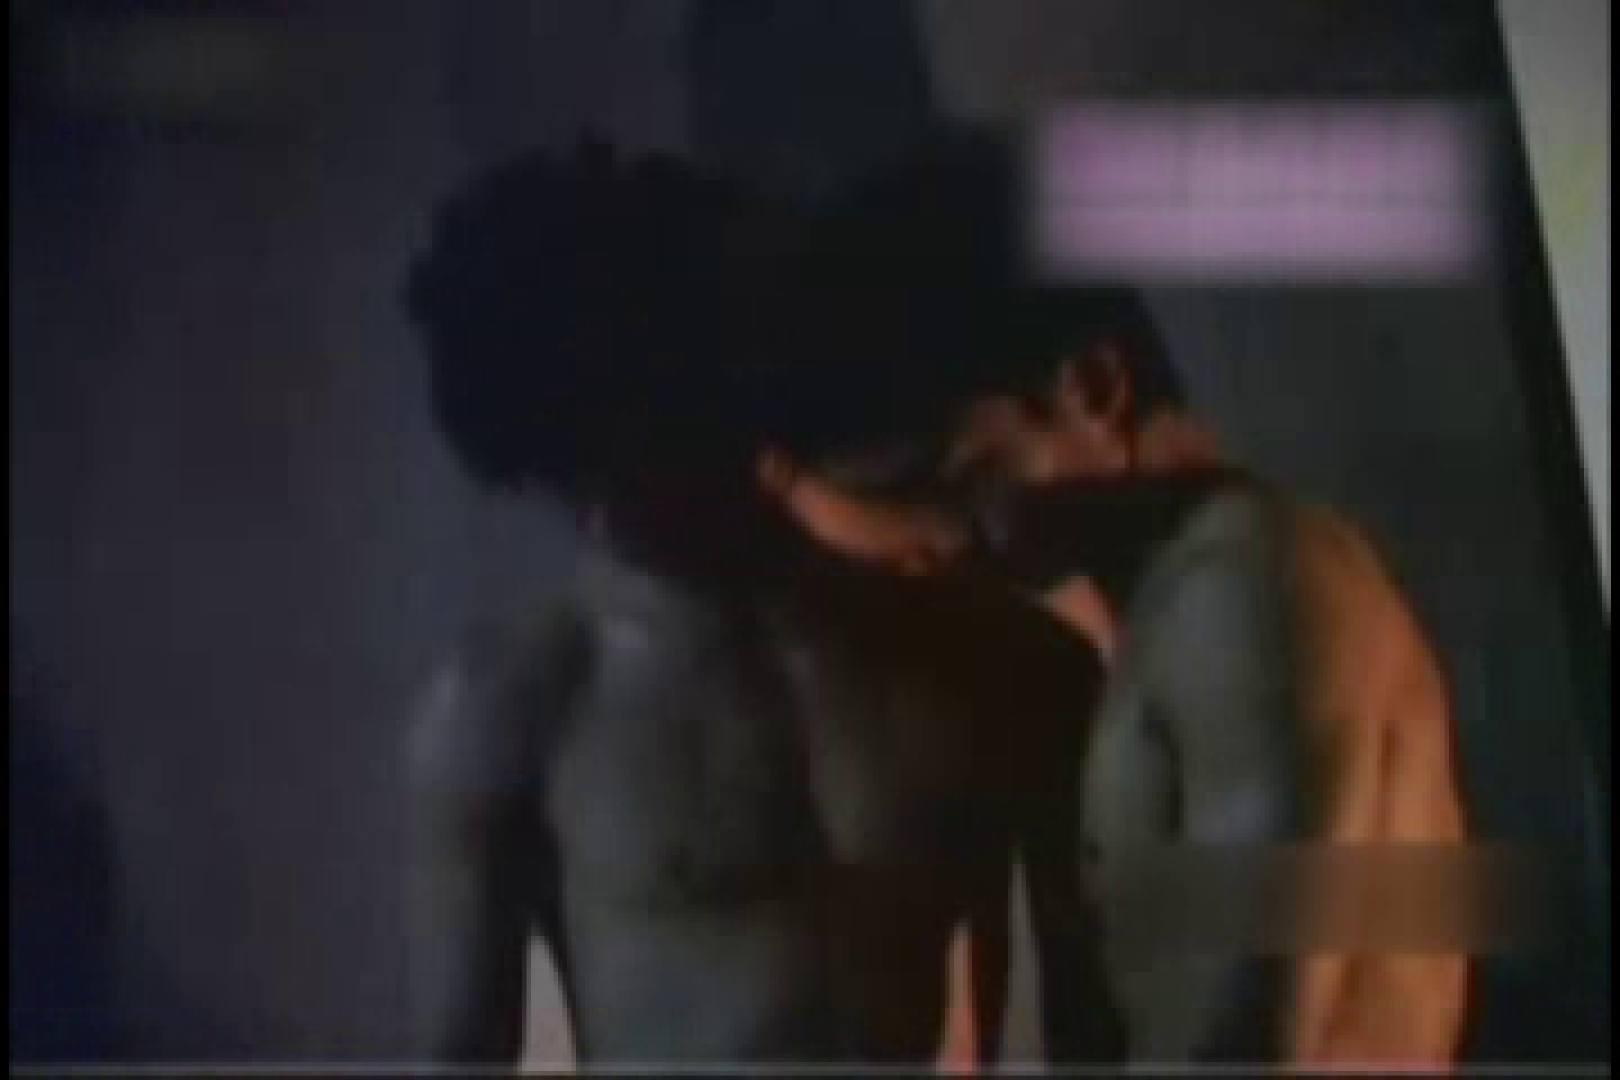 中出有名ゲイ雑誌★魅力●生★付録DVD収録スーパーモデルヌードvol4 イメージ (sex) | ヌード ゲイエロ画像 82枚 23